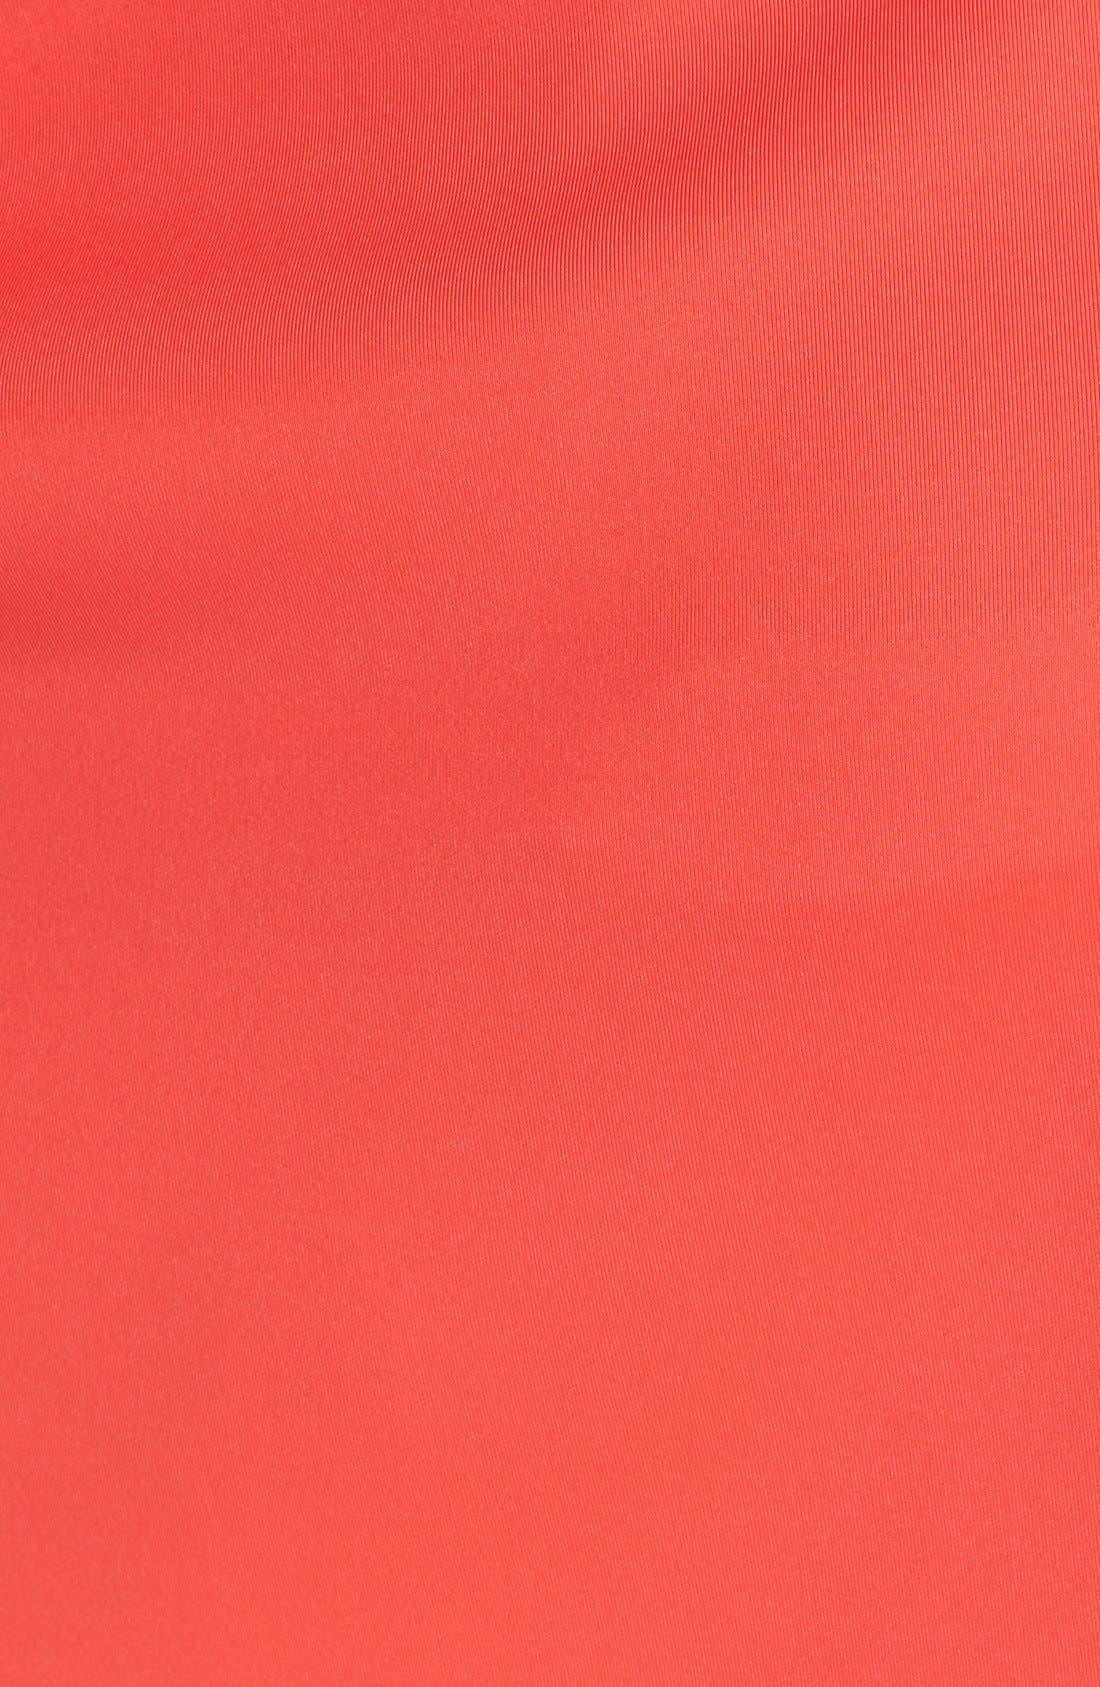 Alternate Image 3  - Ted Baker London 'Miloca' Skater Skirt